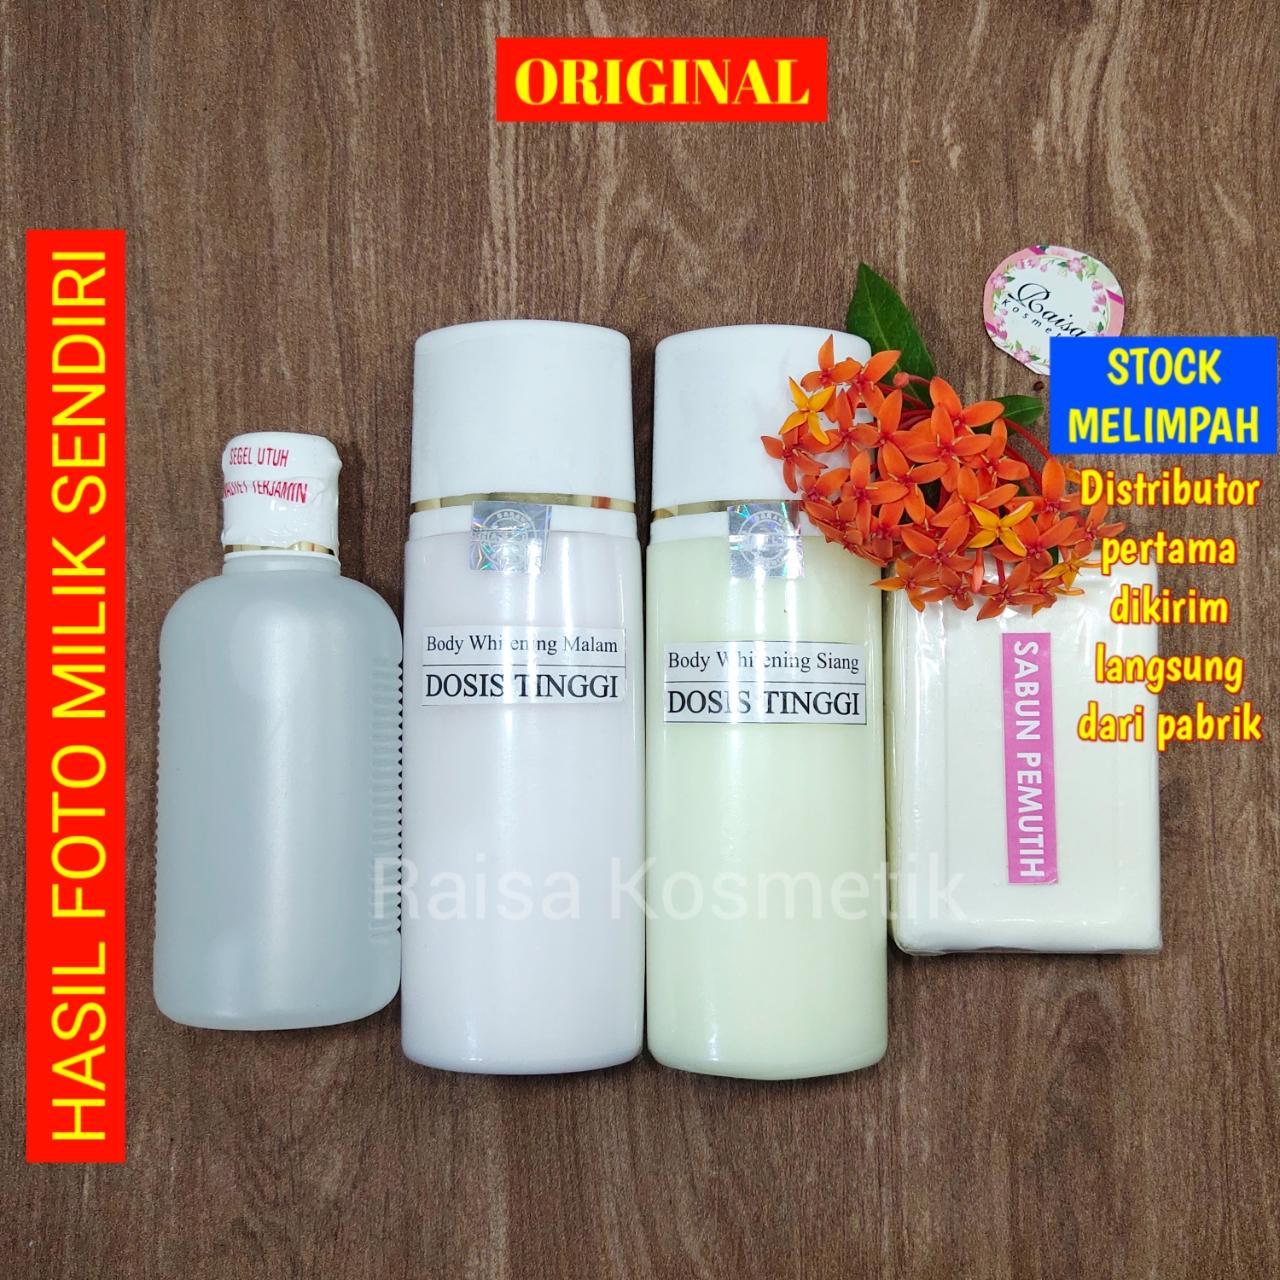 [original] paket  hb extra whitening dosis tinggi body lotion handbody pemutih badan